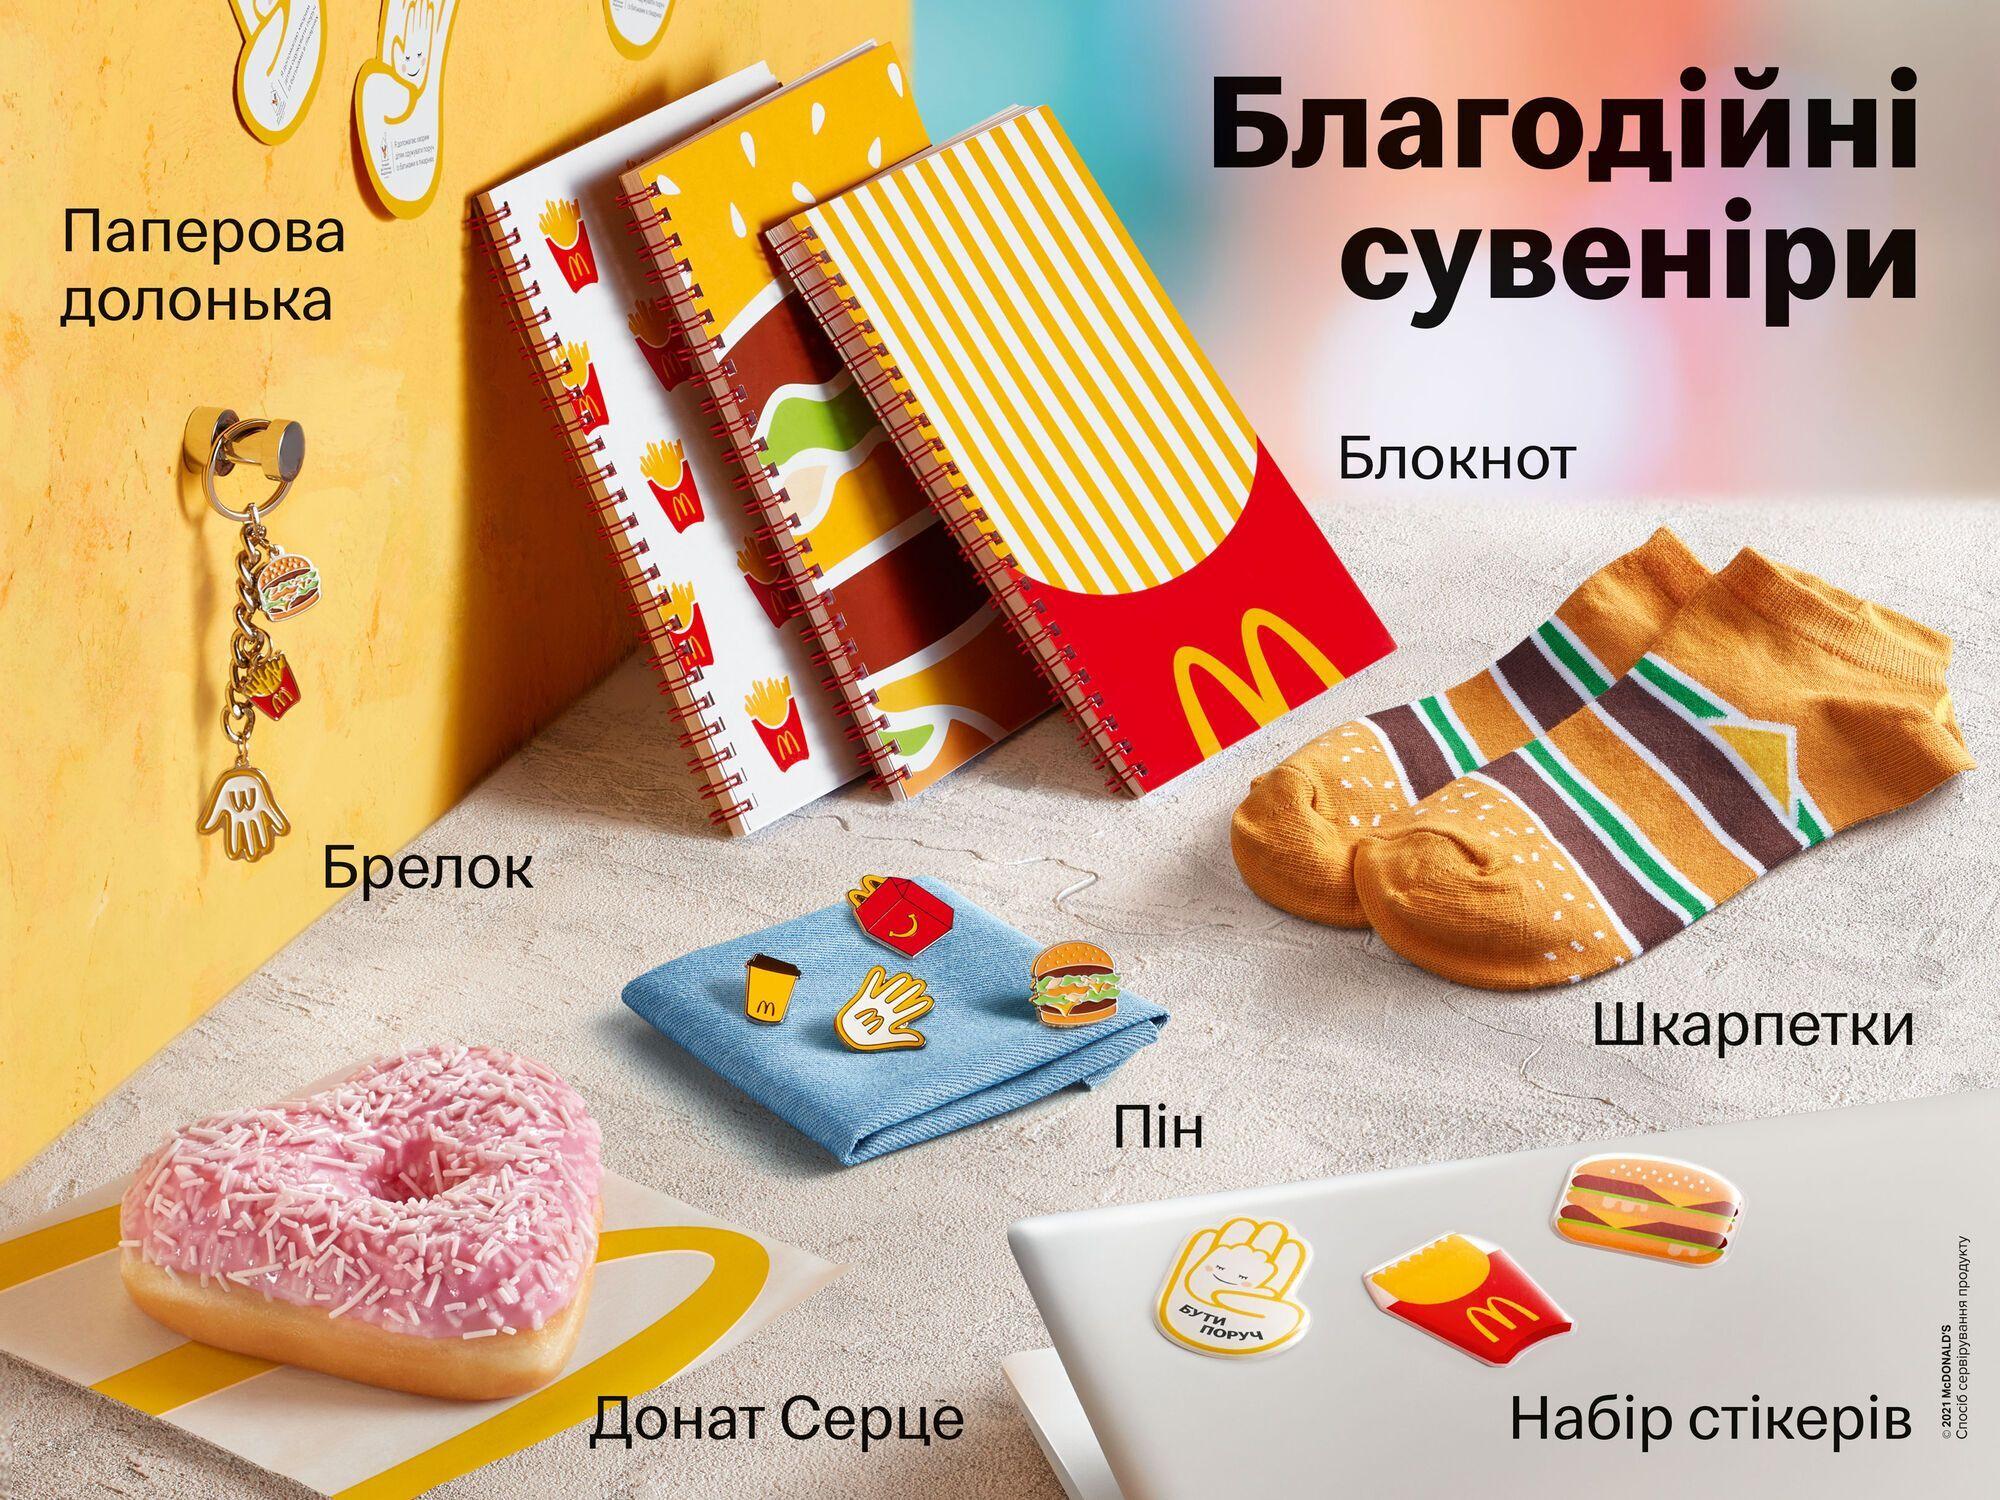 МакДональдз подготовил серию фирменных сувениров на выбор